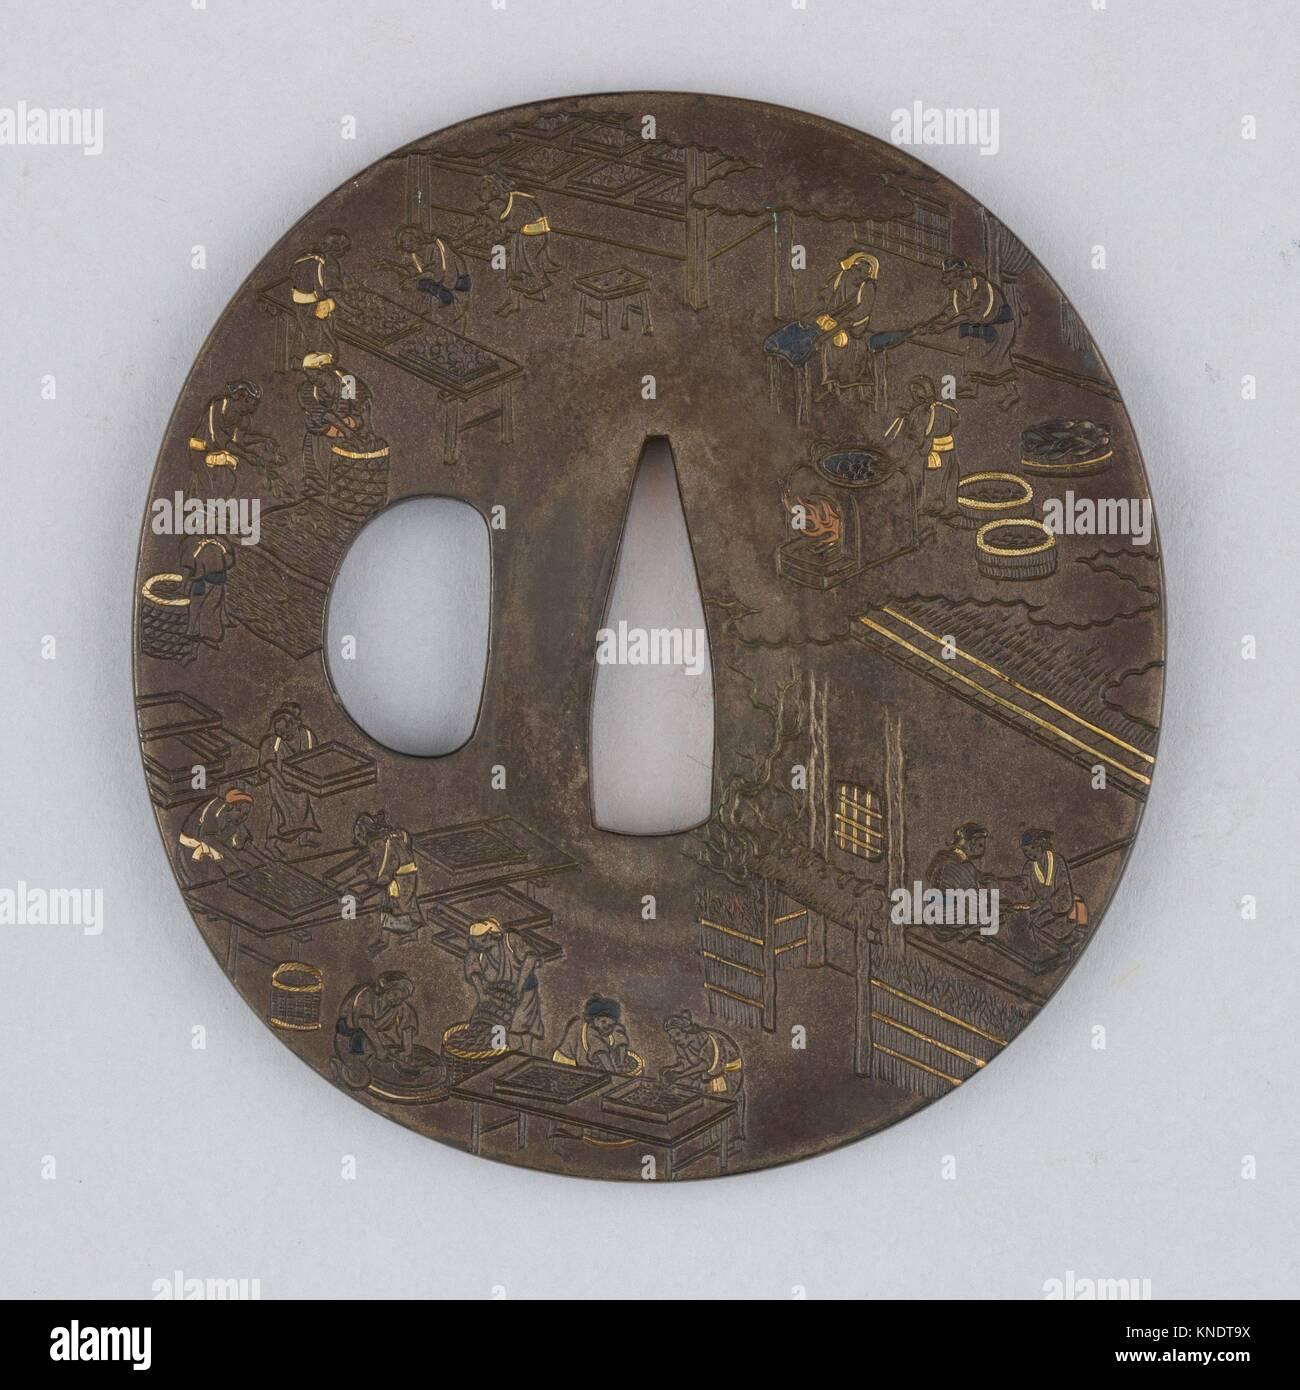 Espada guarda (Tsuba). Fecha: Siglo XVIII; Cultura: Japonés; Media: aleación de cobre y plata (shibuichi), Imagen De Stock